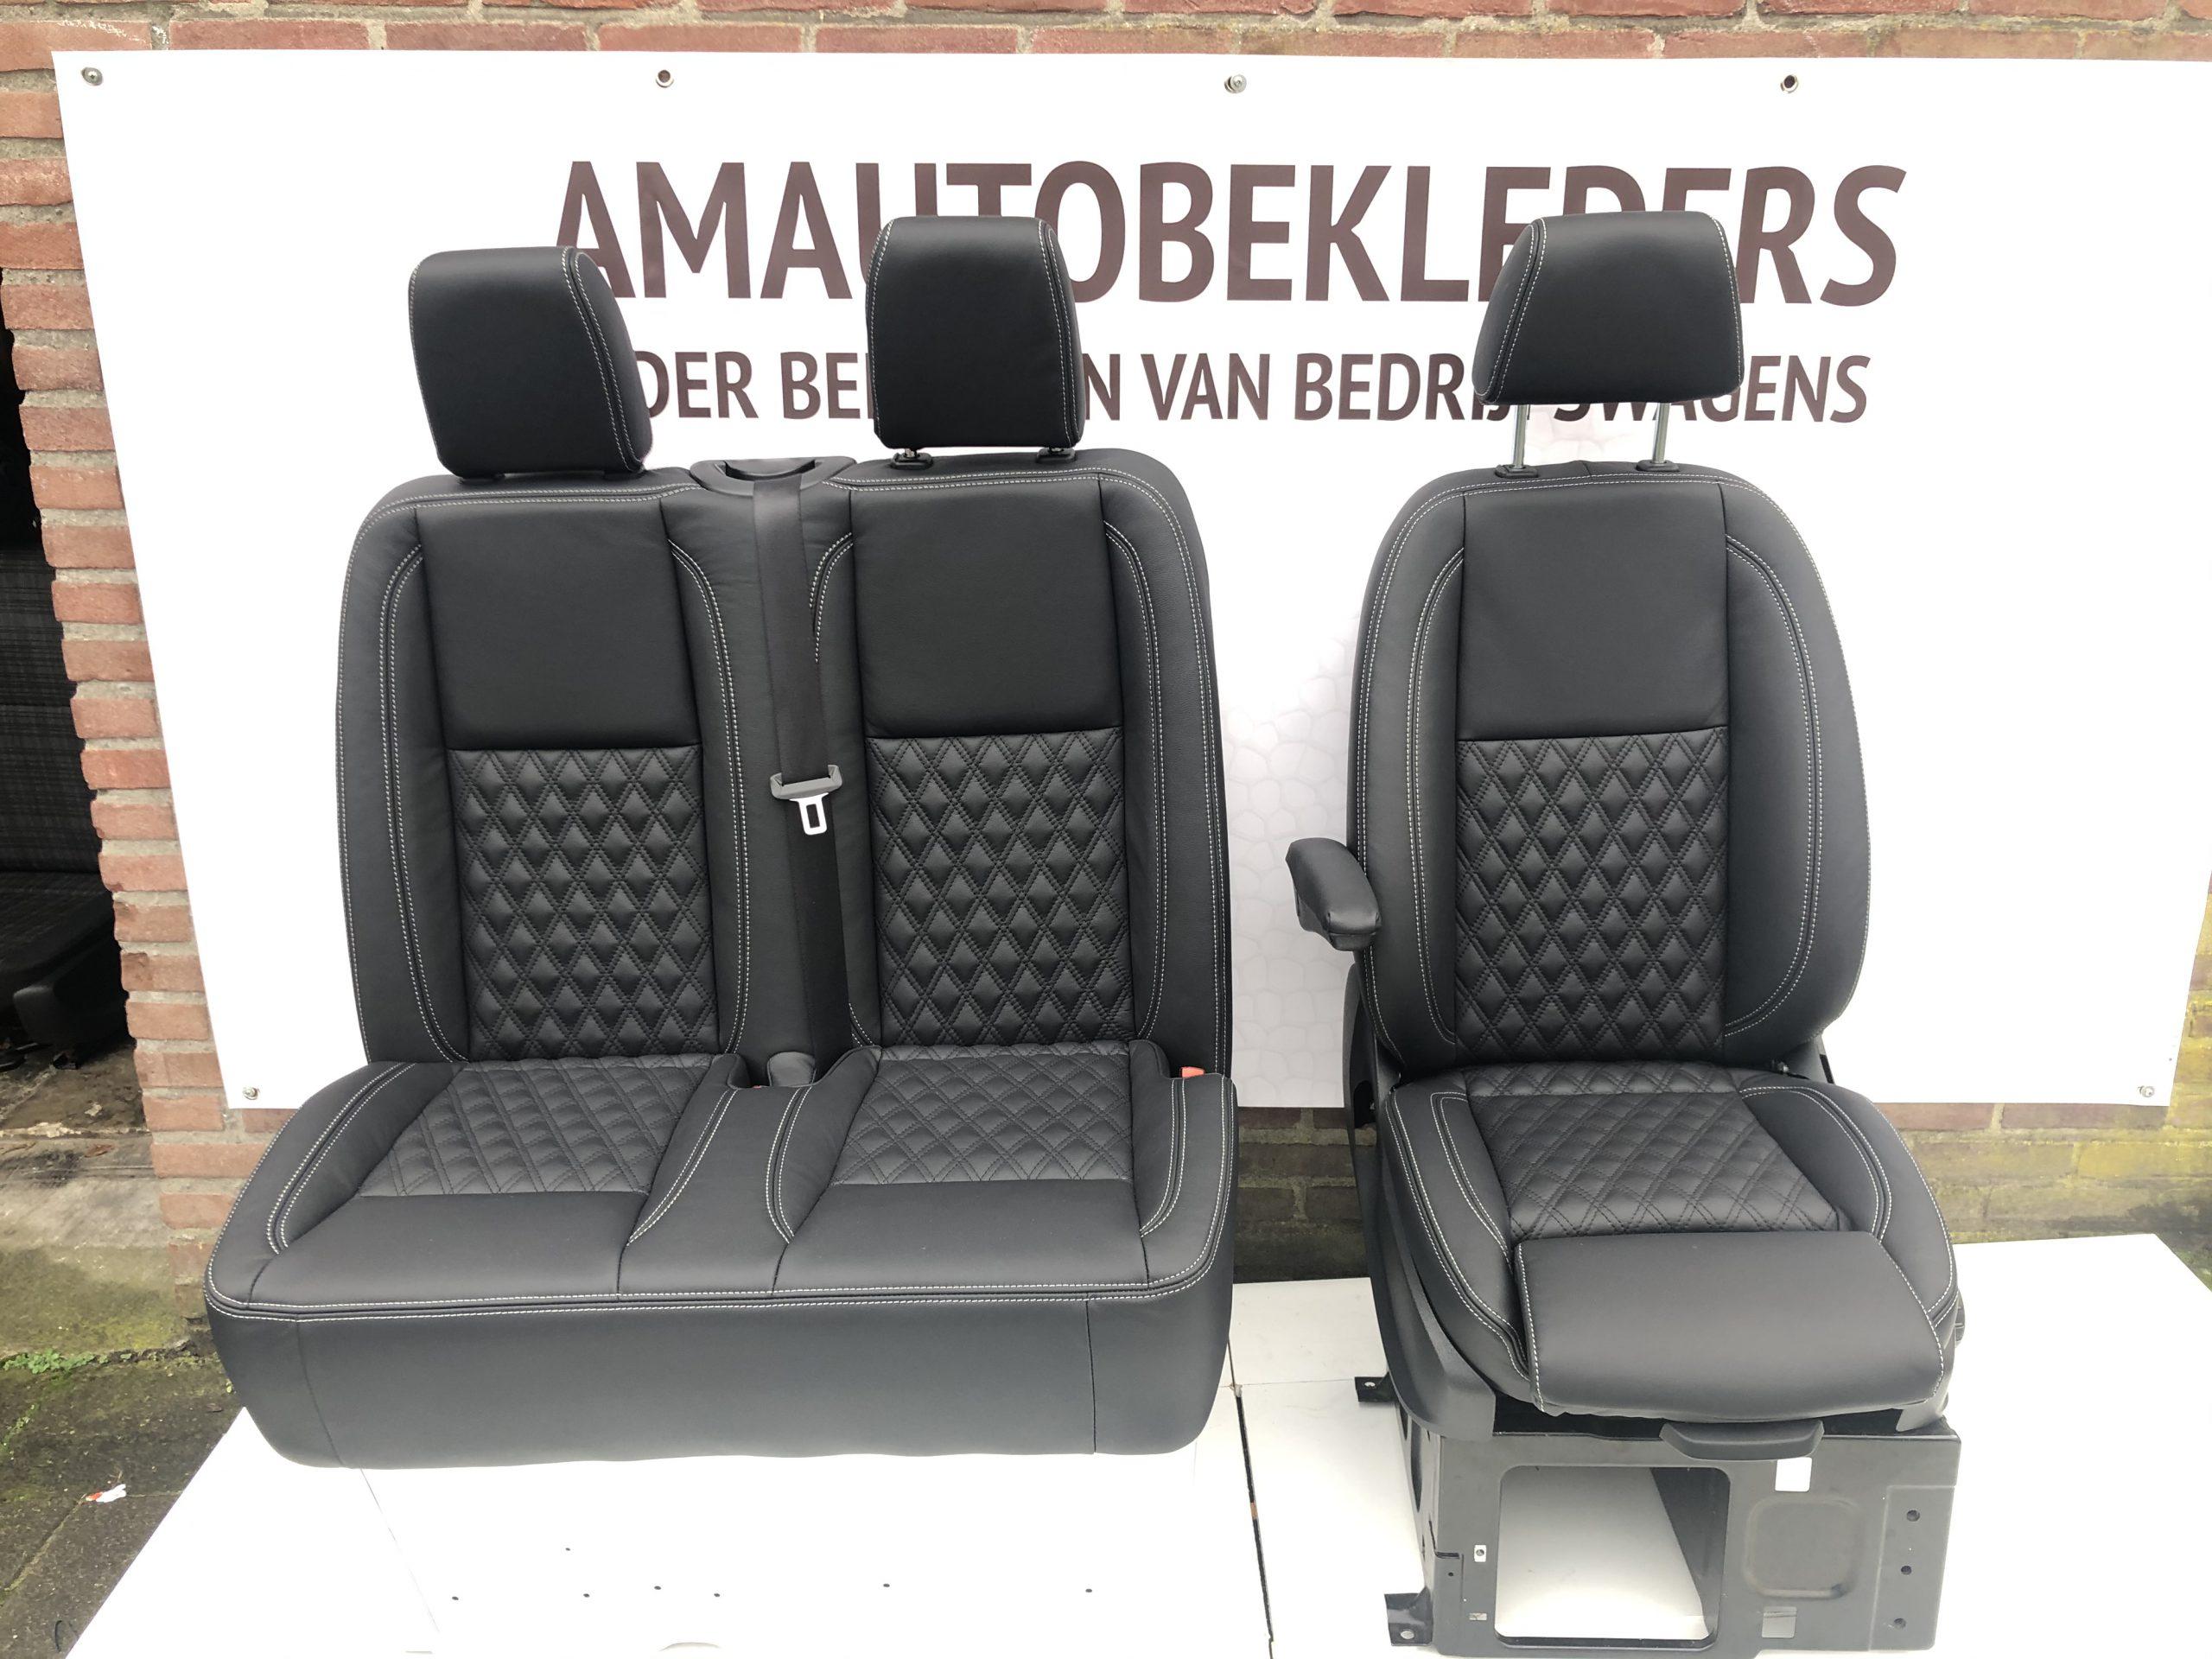 Bestuurderstoel+Bijrijdersbank voor Sprinter 907 vanaf 2019